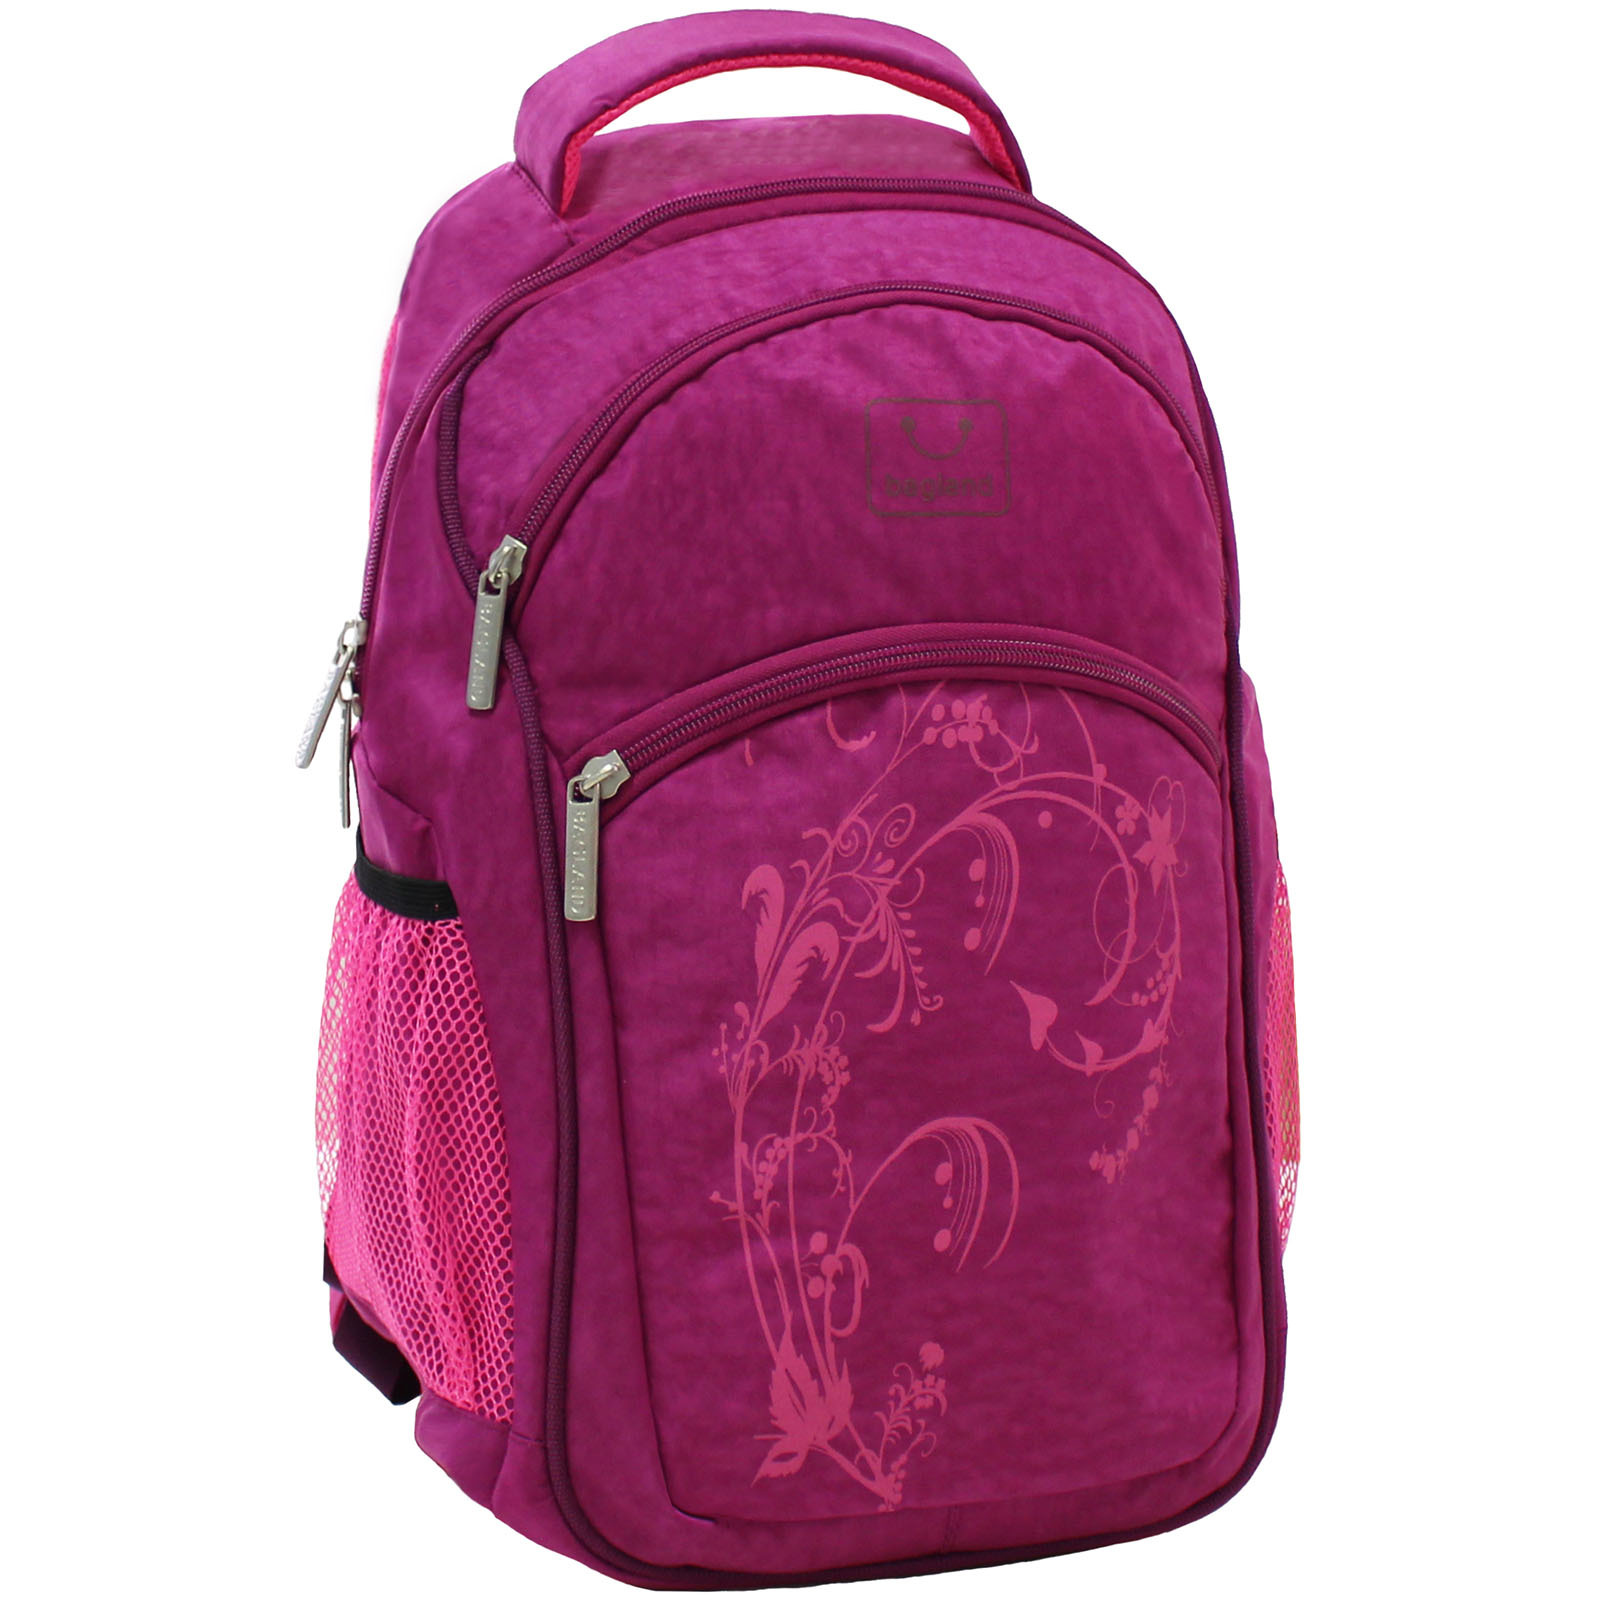 Городские рюкзаки Рюкзак Bagland Лик 21 л. Малиновый (0055770) IMG_6530.JPG